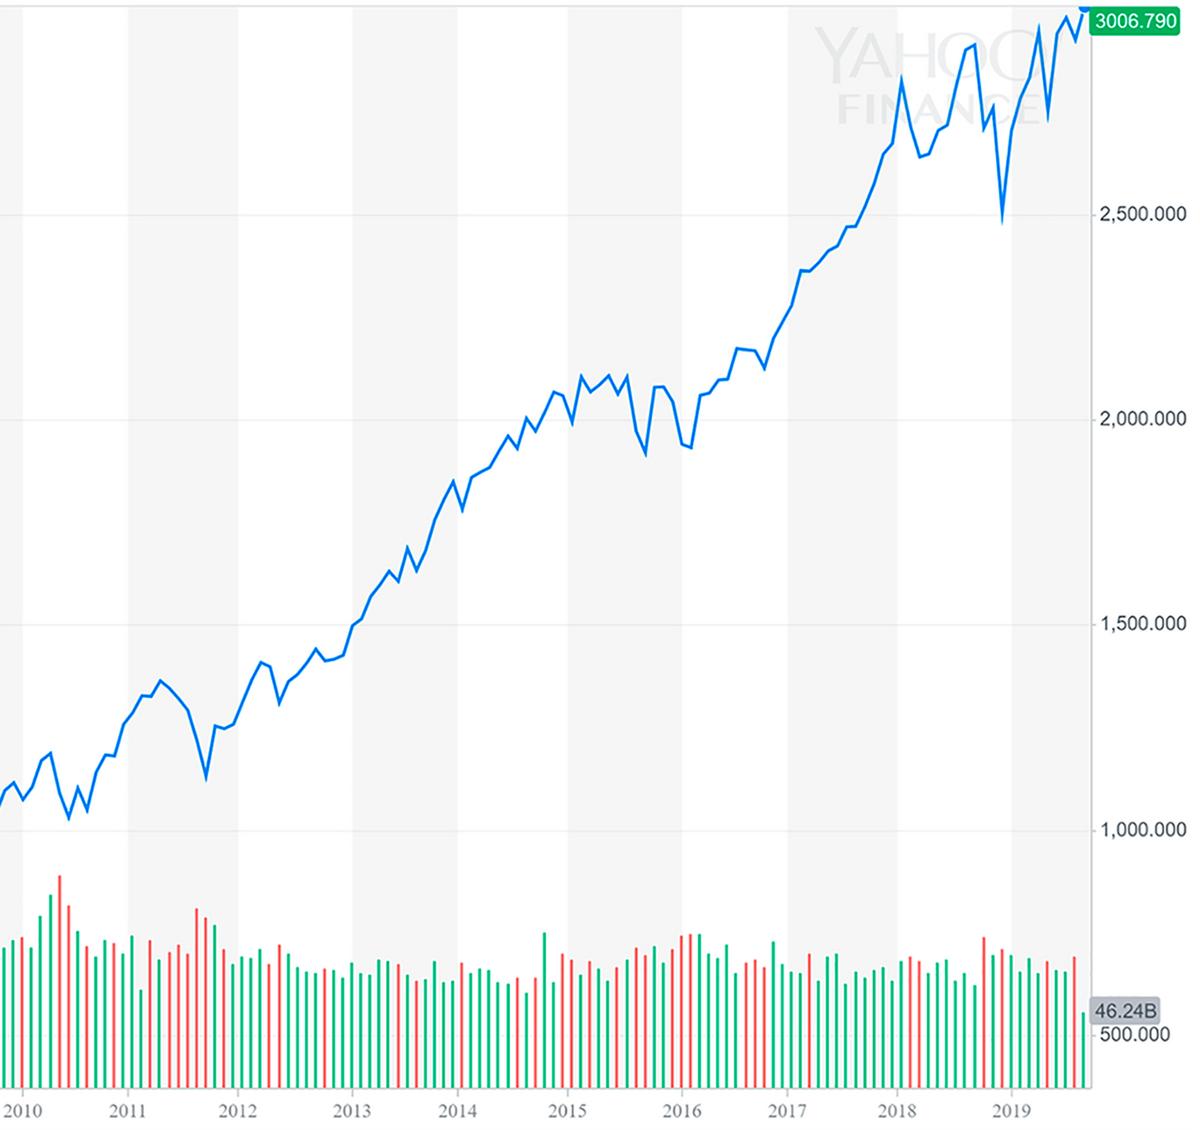 Для сравнения: индекс S&P 500 за тот же период. Это основной индикатор здоровья американского фондового рынка